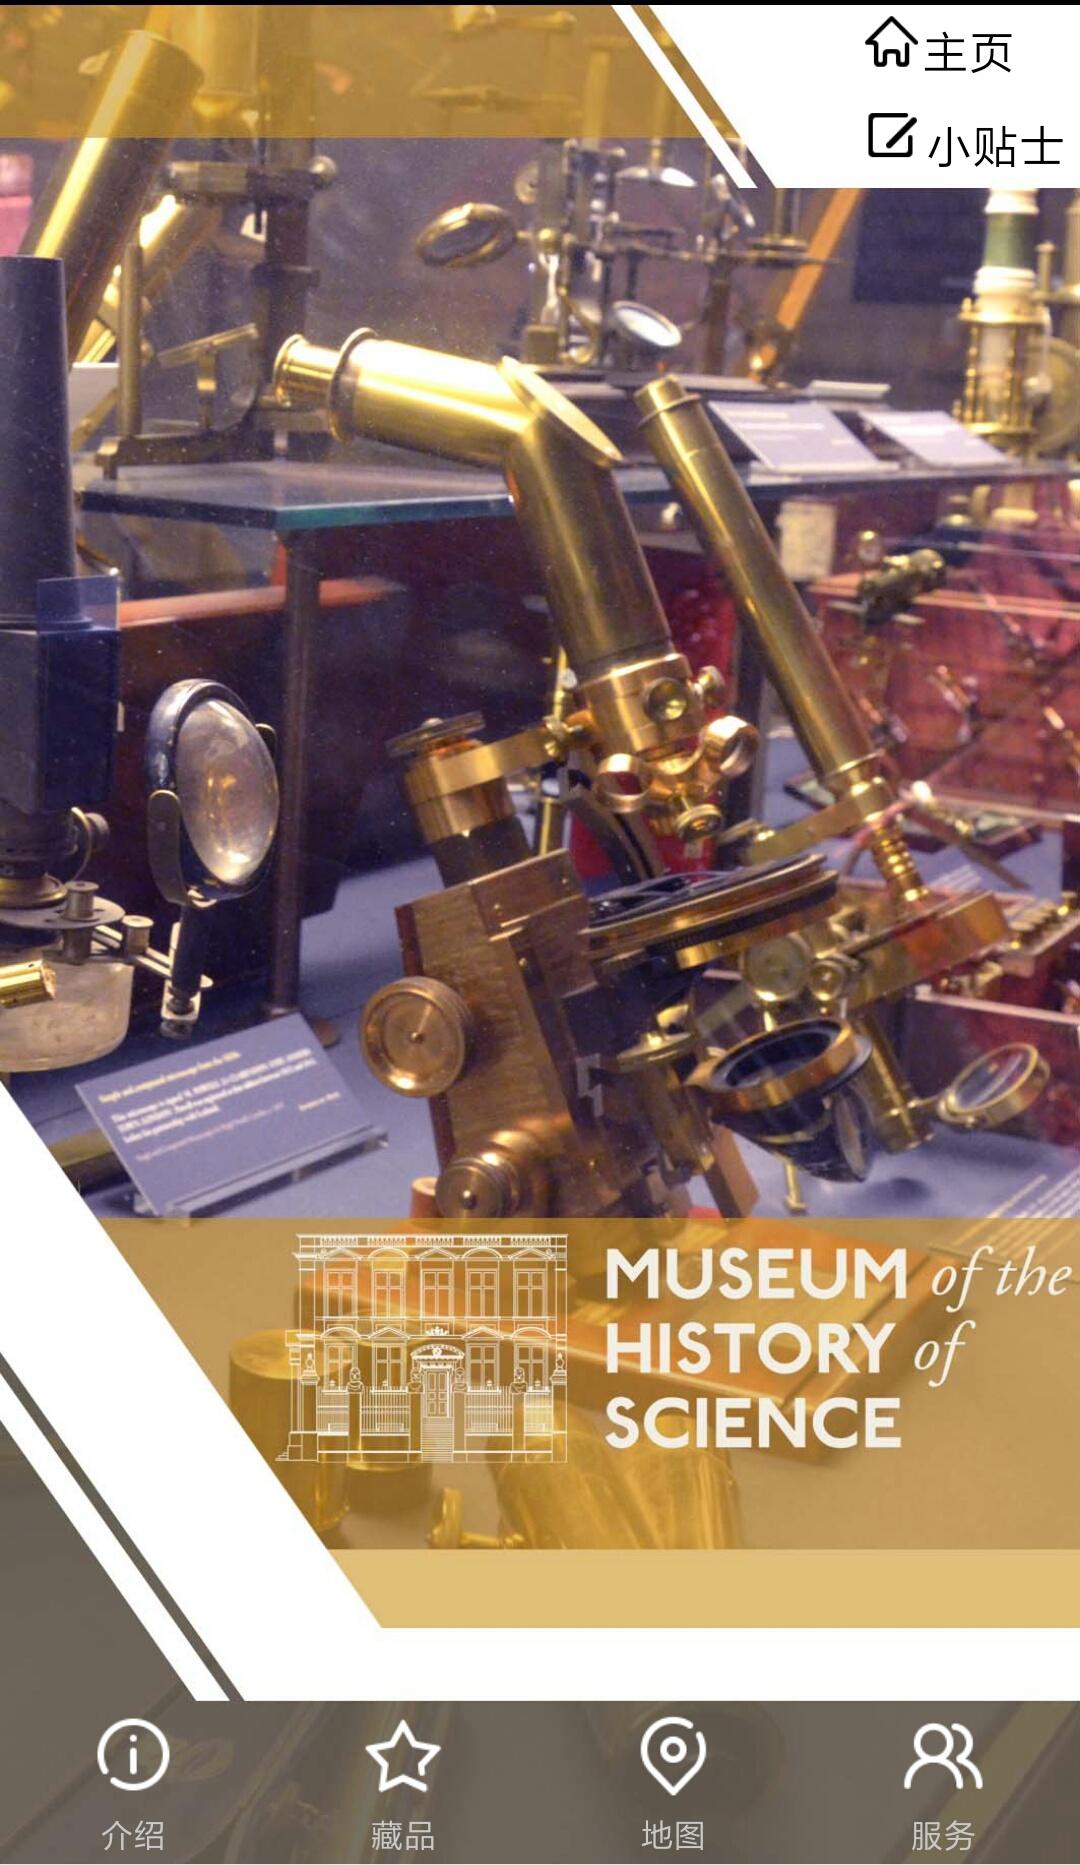 牛津大学博物馆-应用截图